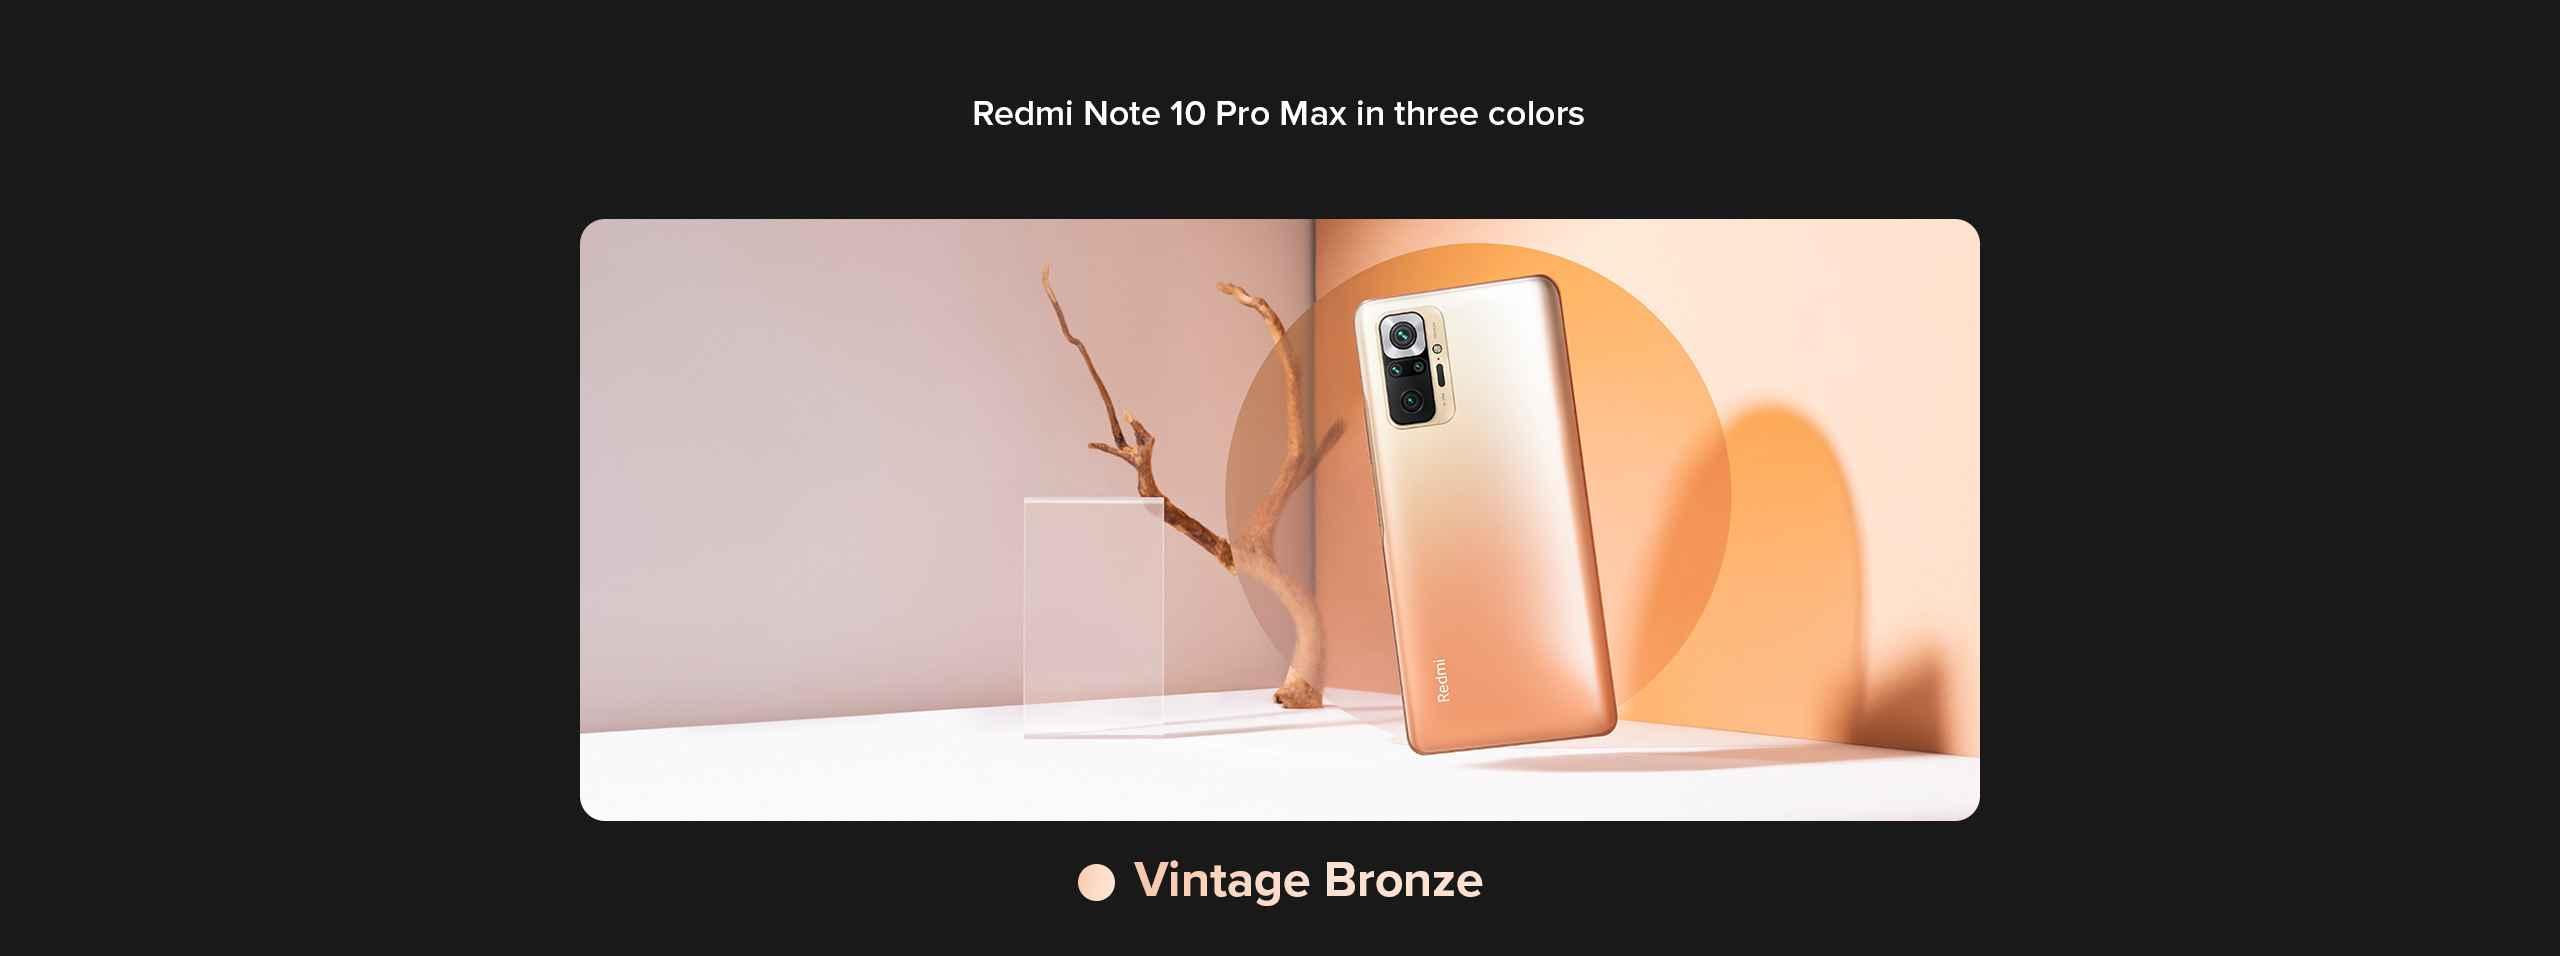 Redmi Vintage bronze